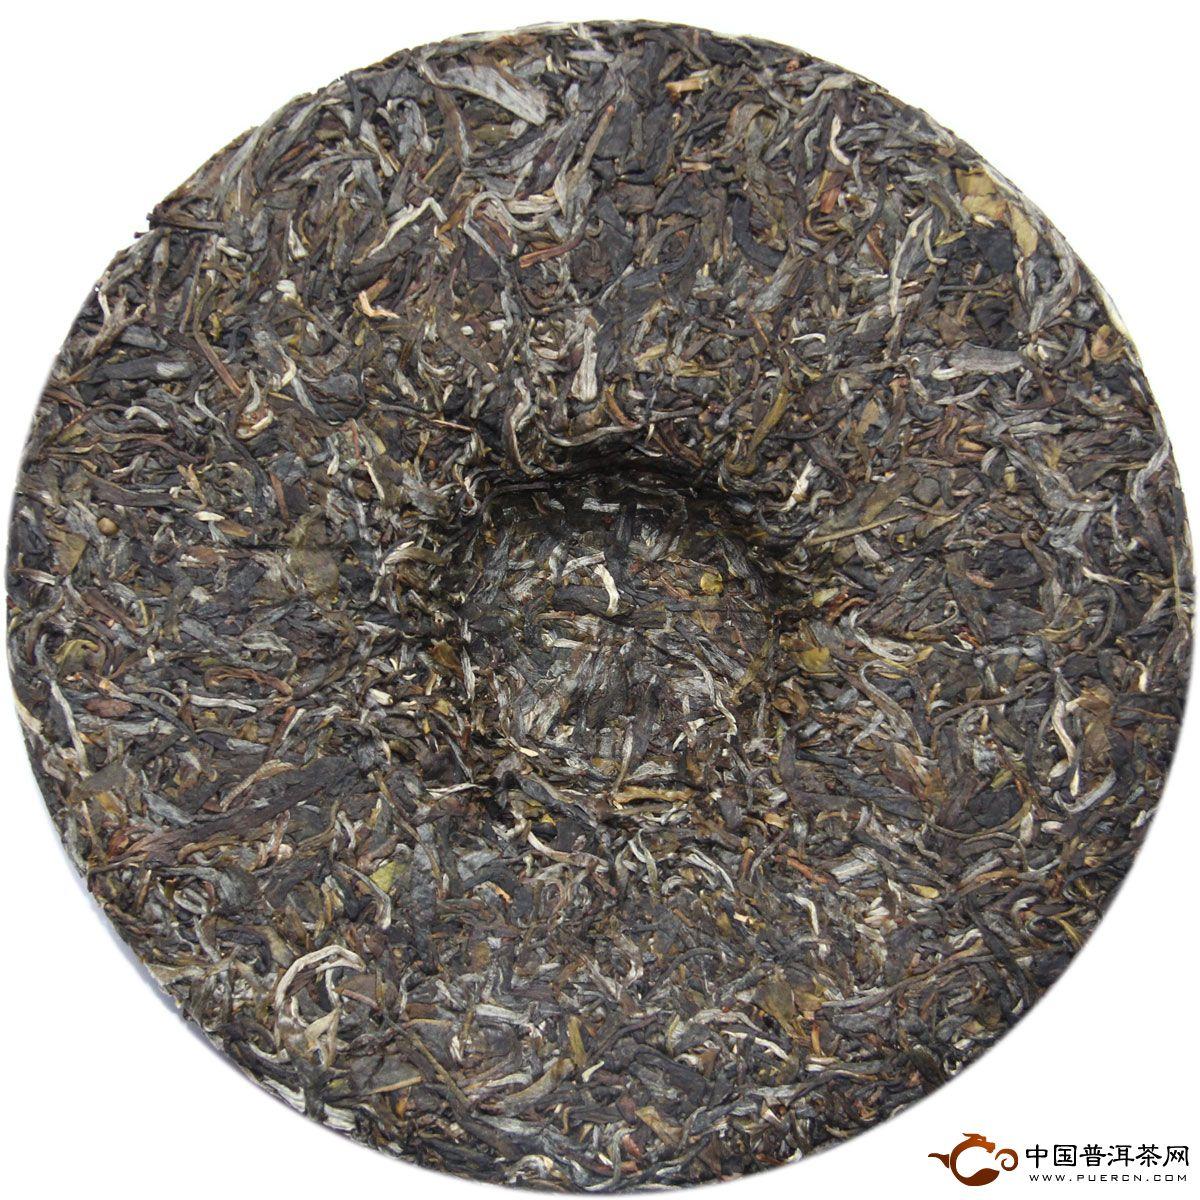 2013年陈升号蛇年生肖纪念饼(生茶) 500克